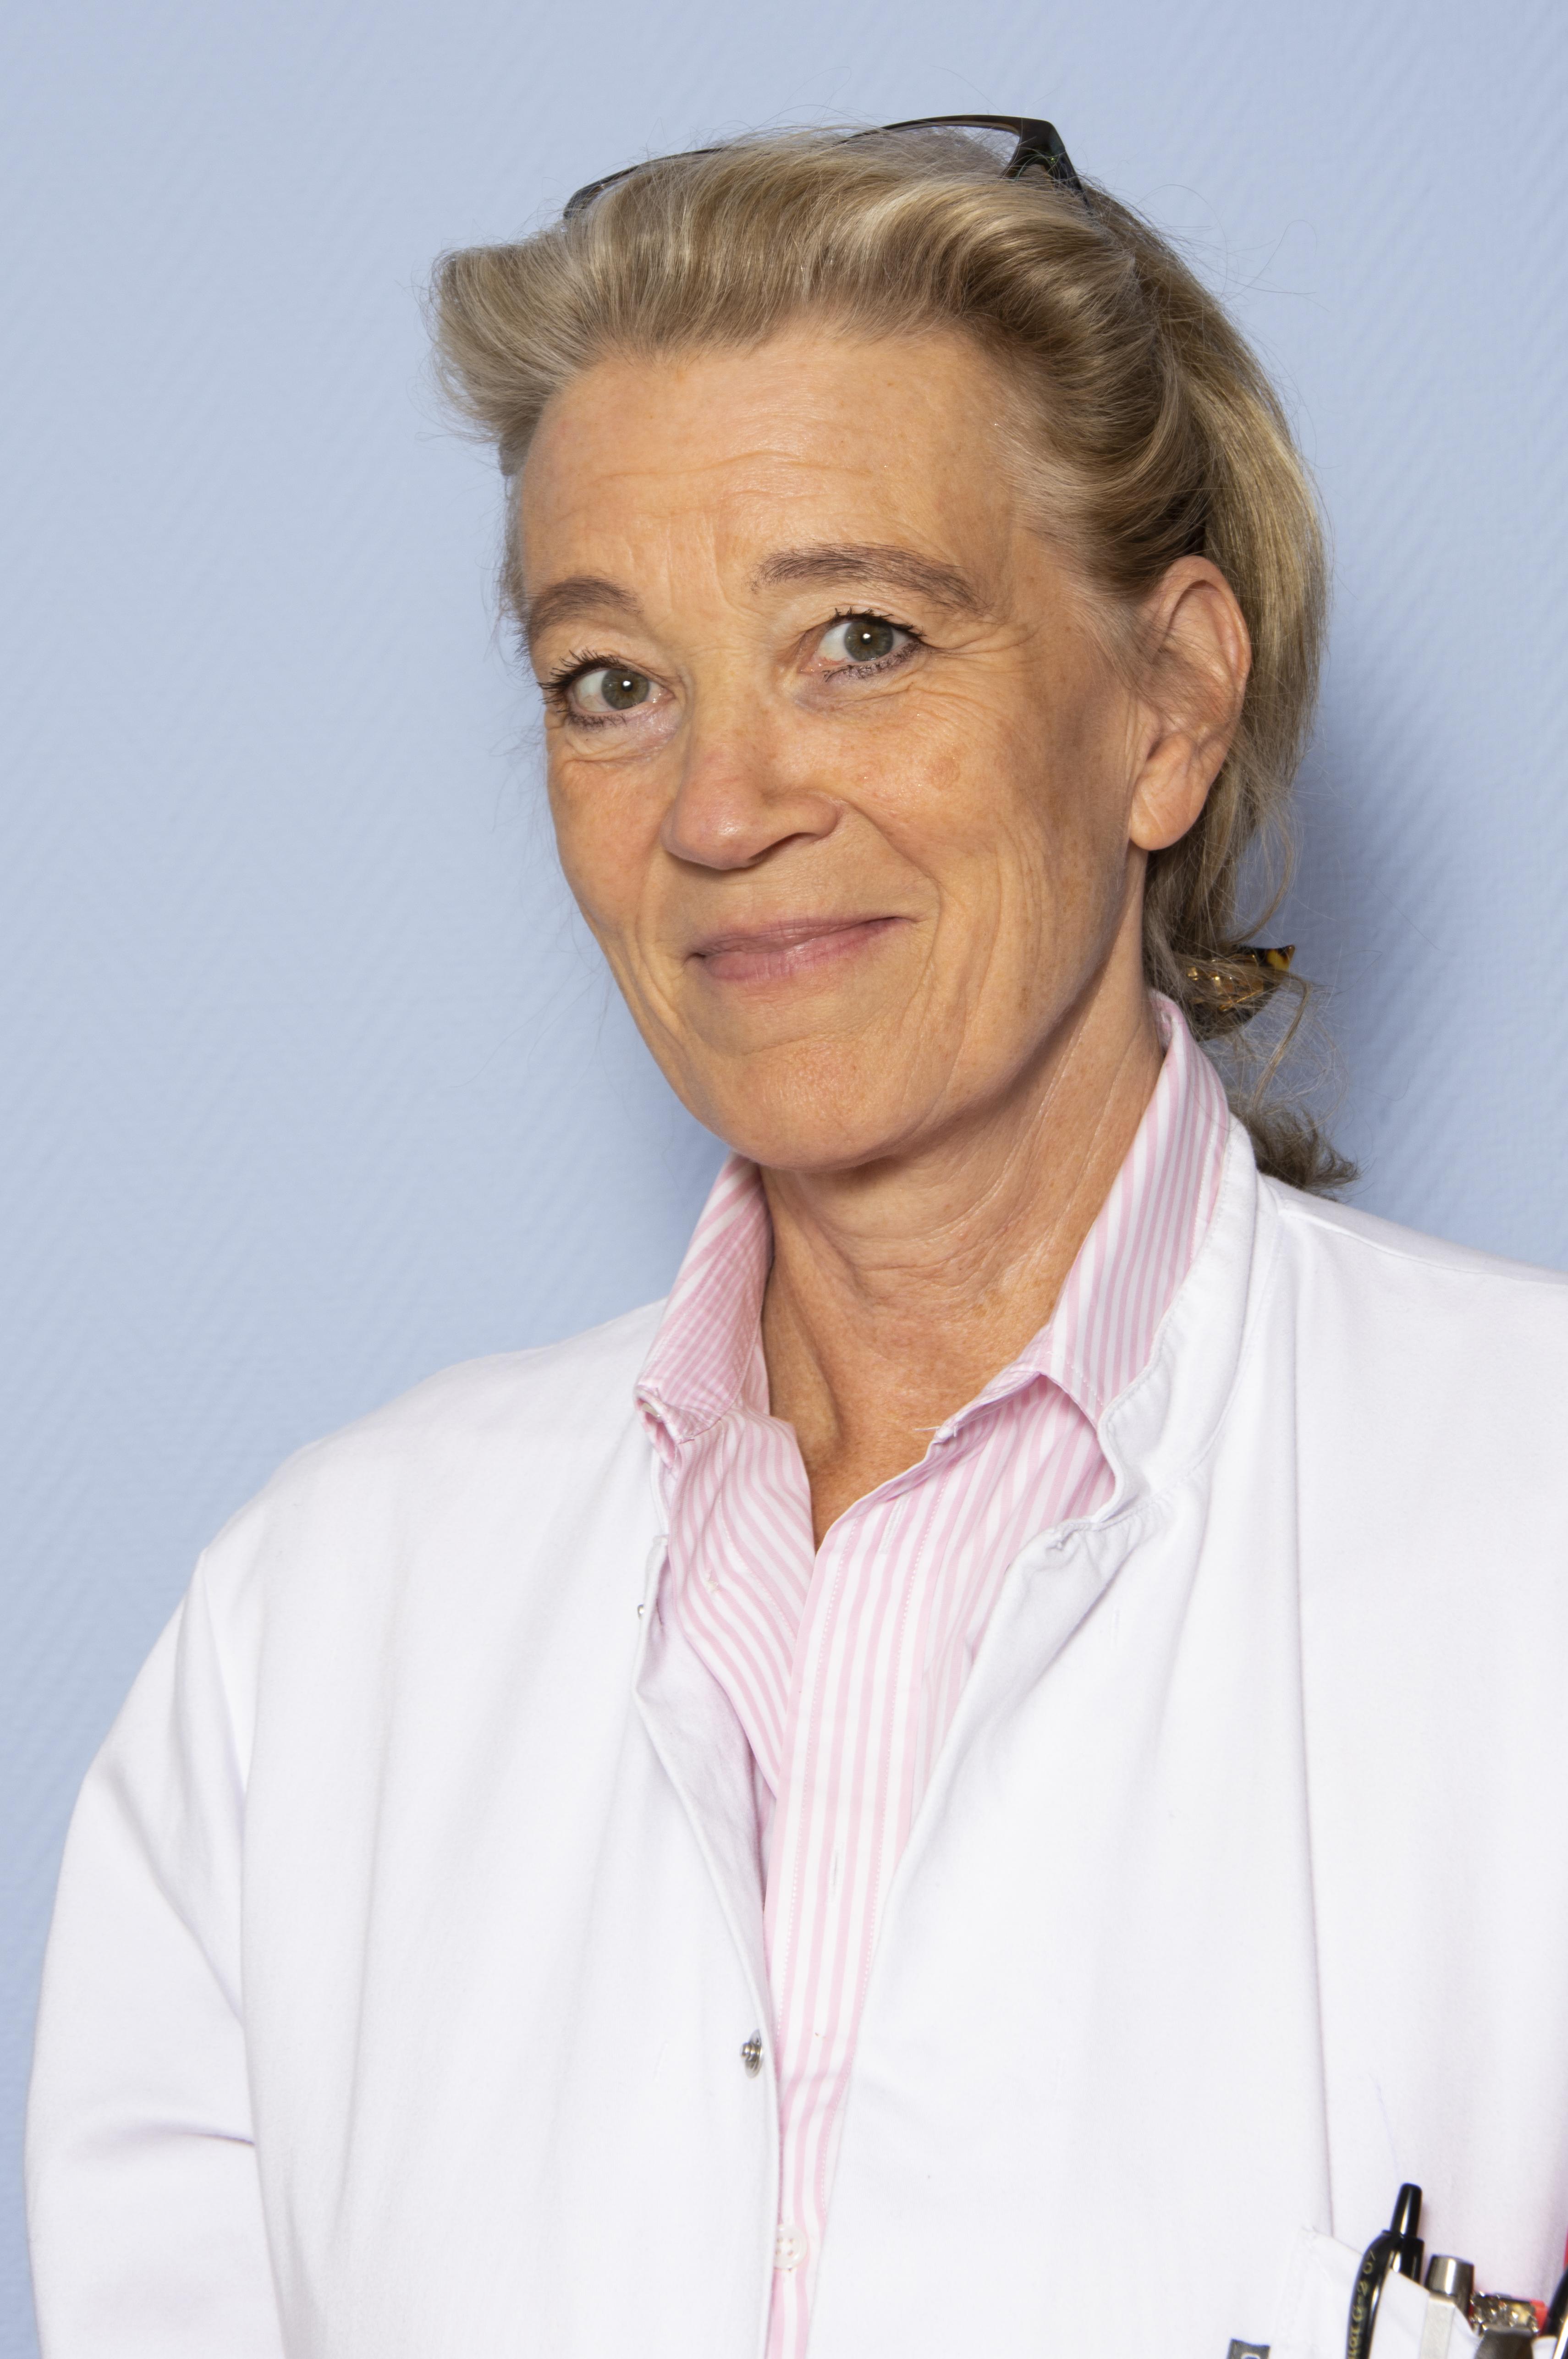 PD Dr. Irene Teichert – von Lüttichau